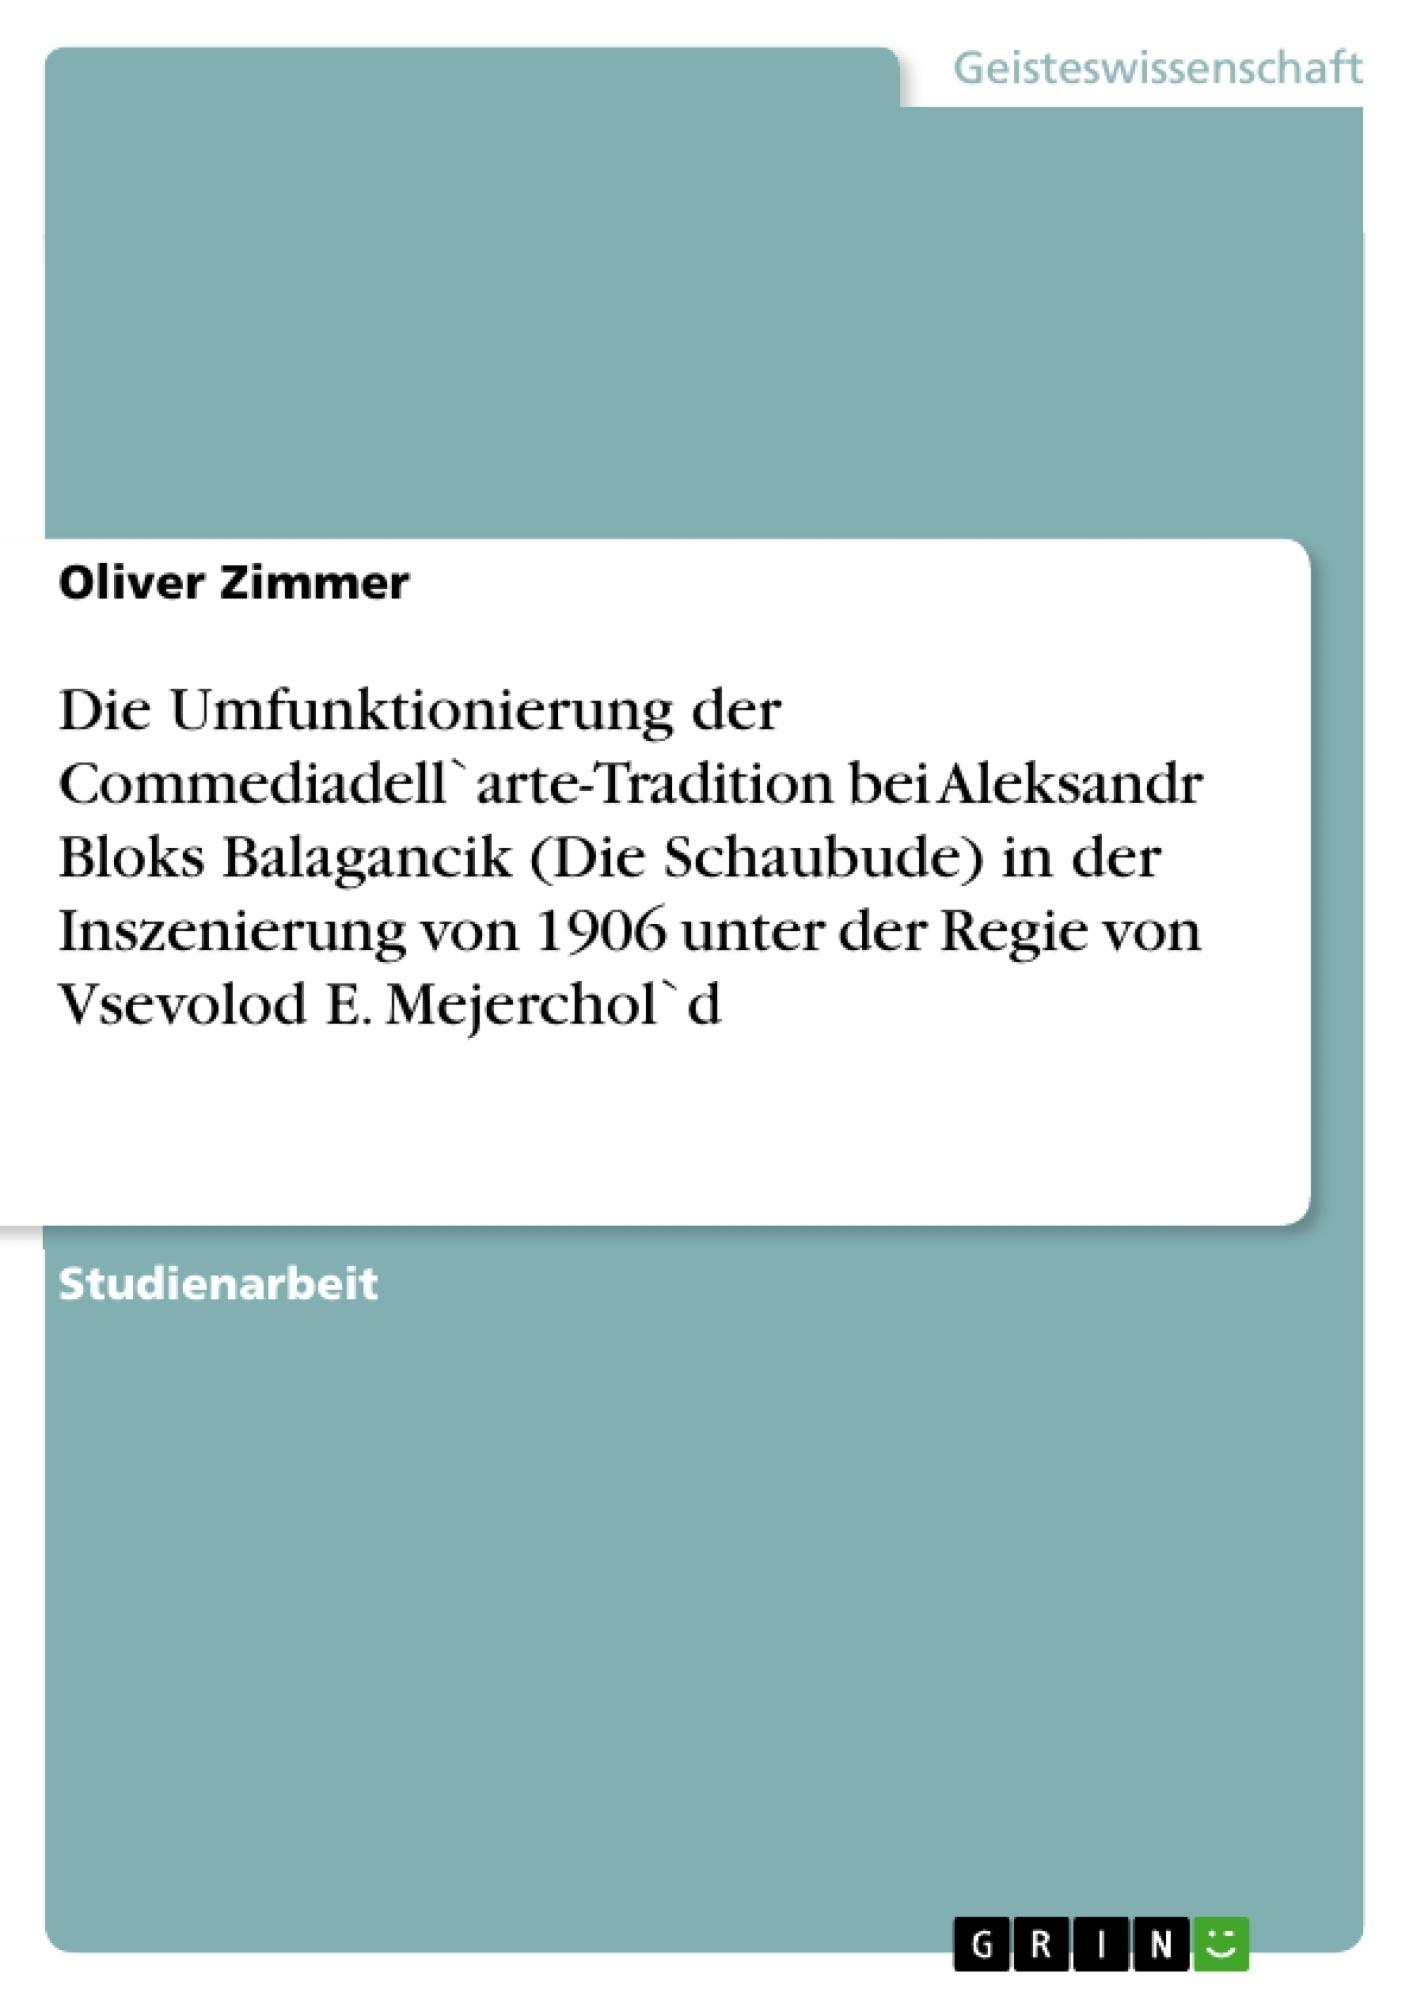 Titel: Die Umfunktionierung der Commediadell`arte-Tradition bei Aleksandr Bloks Balagancik (Die Schaubude) in der Inszenierung von 1906 unter der Regie von Vsevolod E. Mejerchol`d